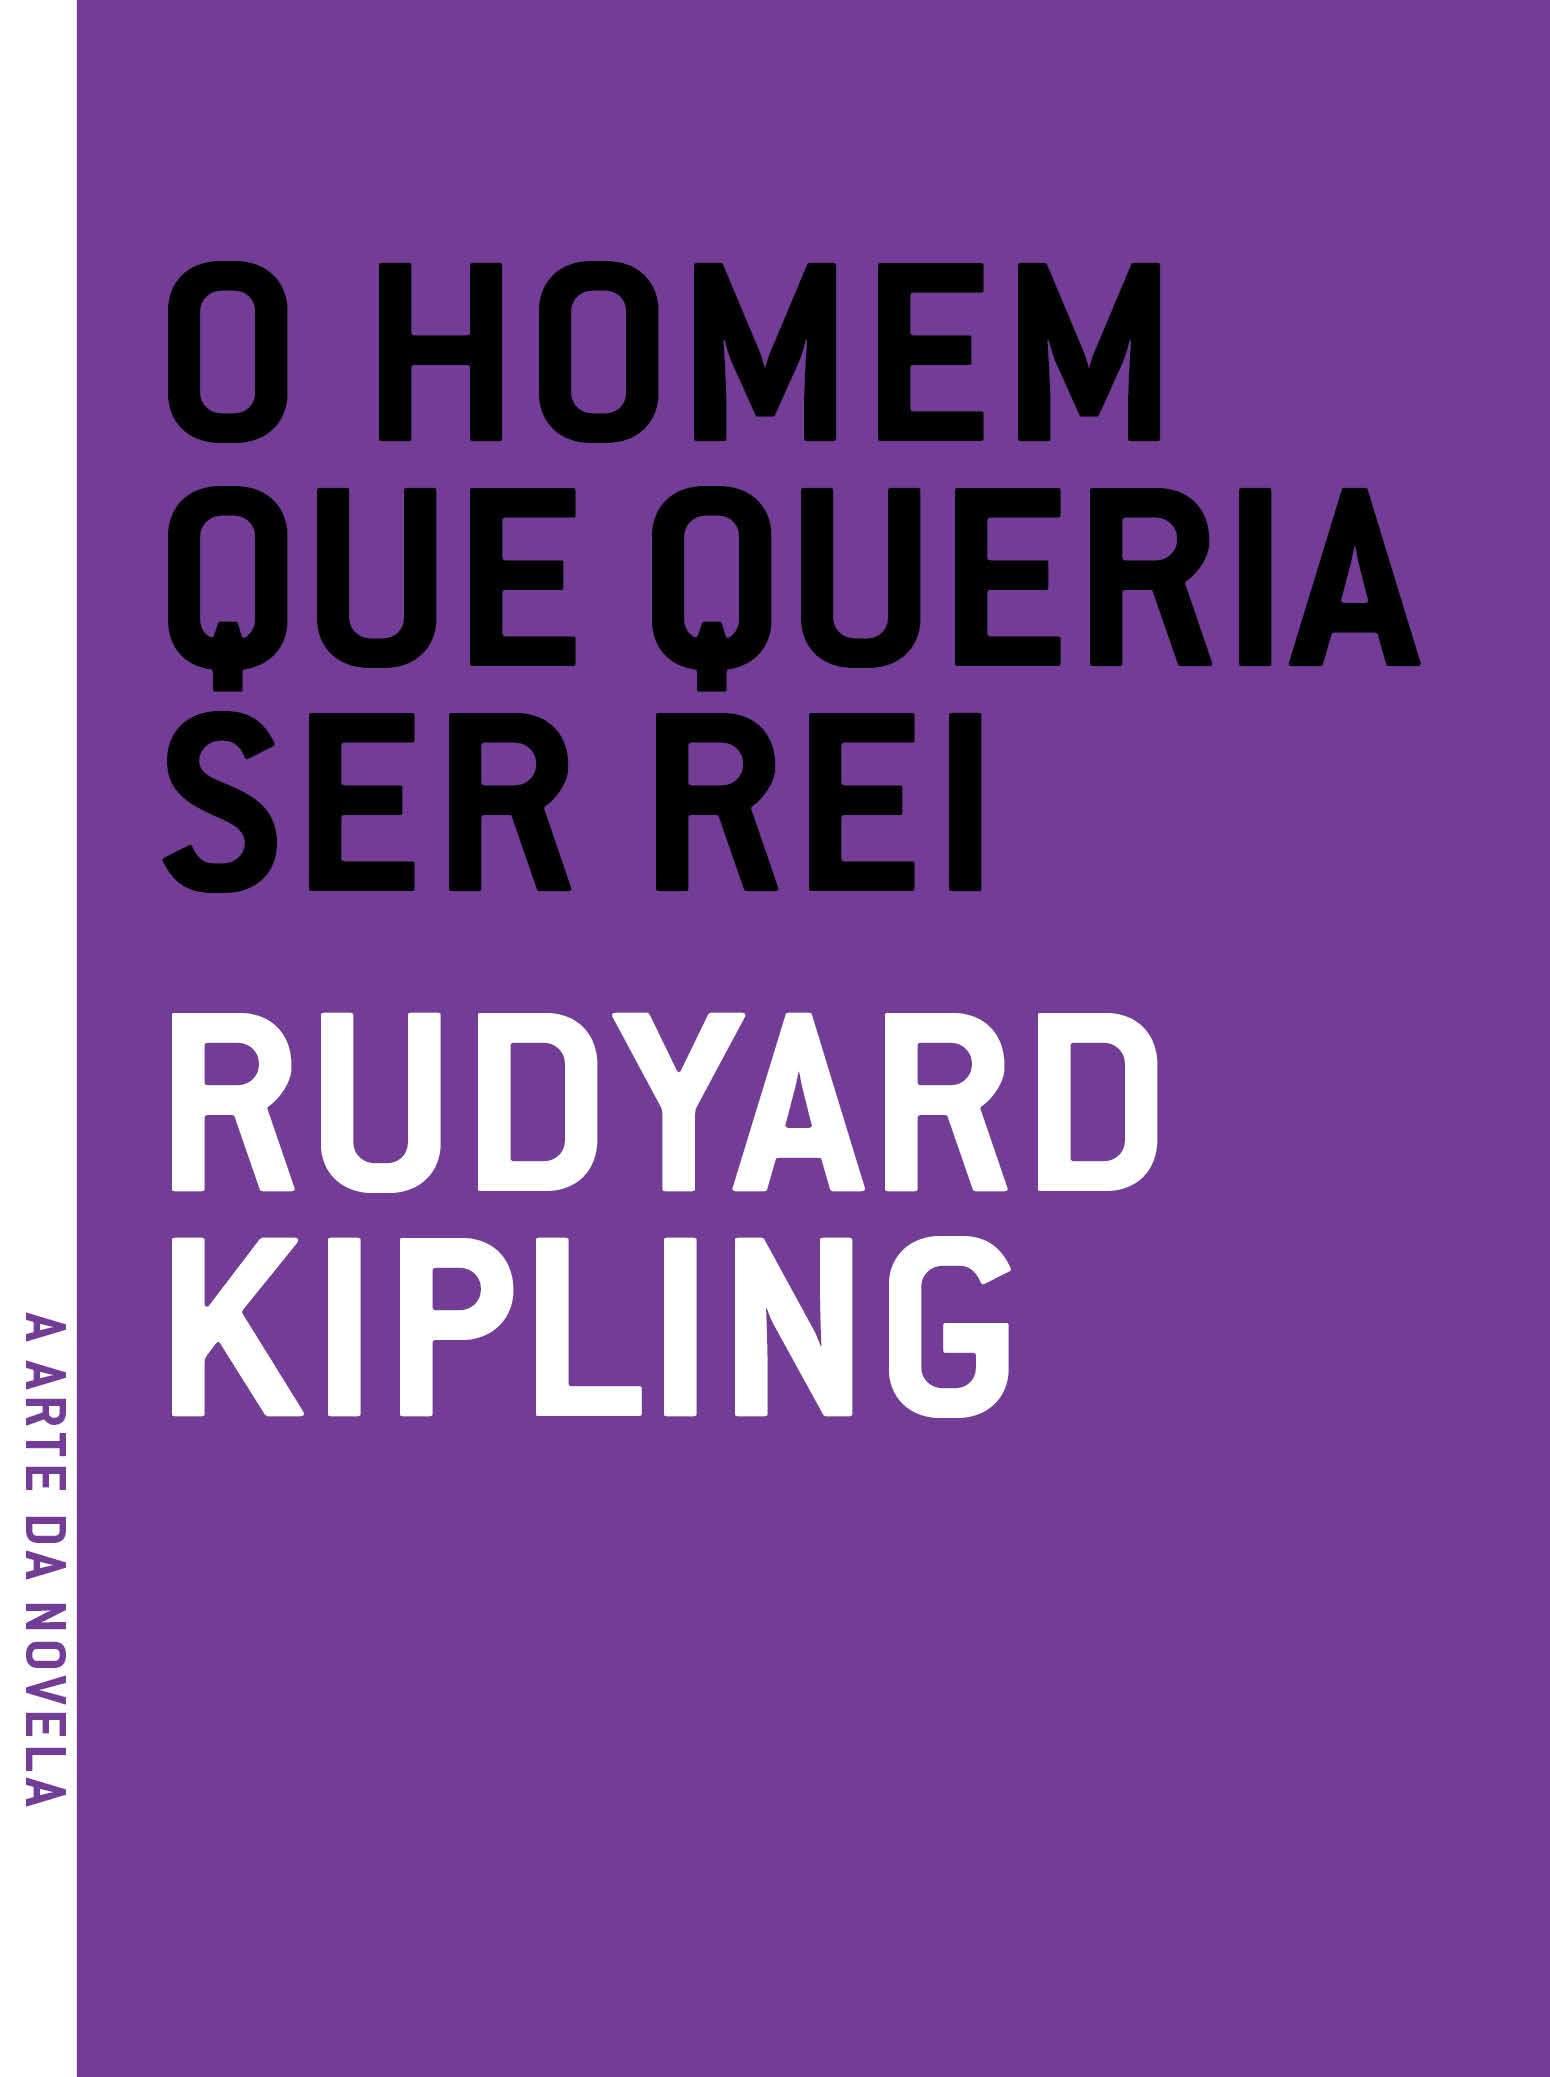 Homem Que Queria Ser Rei, O, livro de Rudyard Kipling